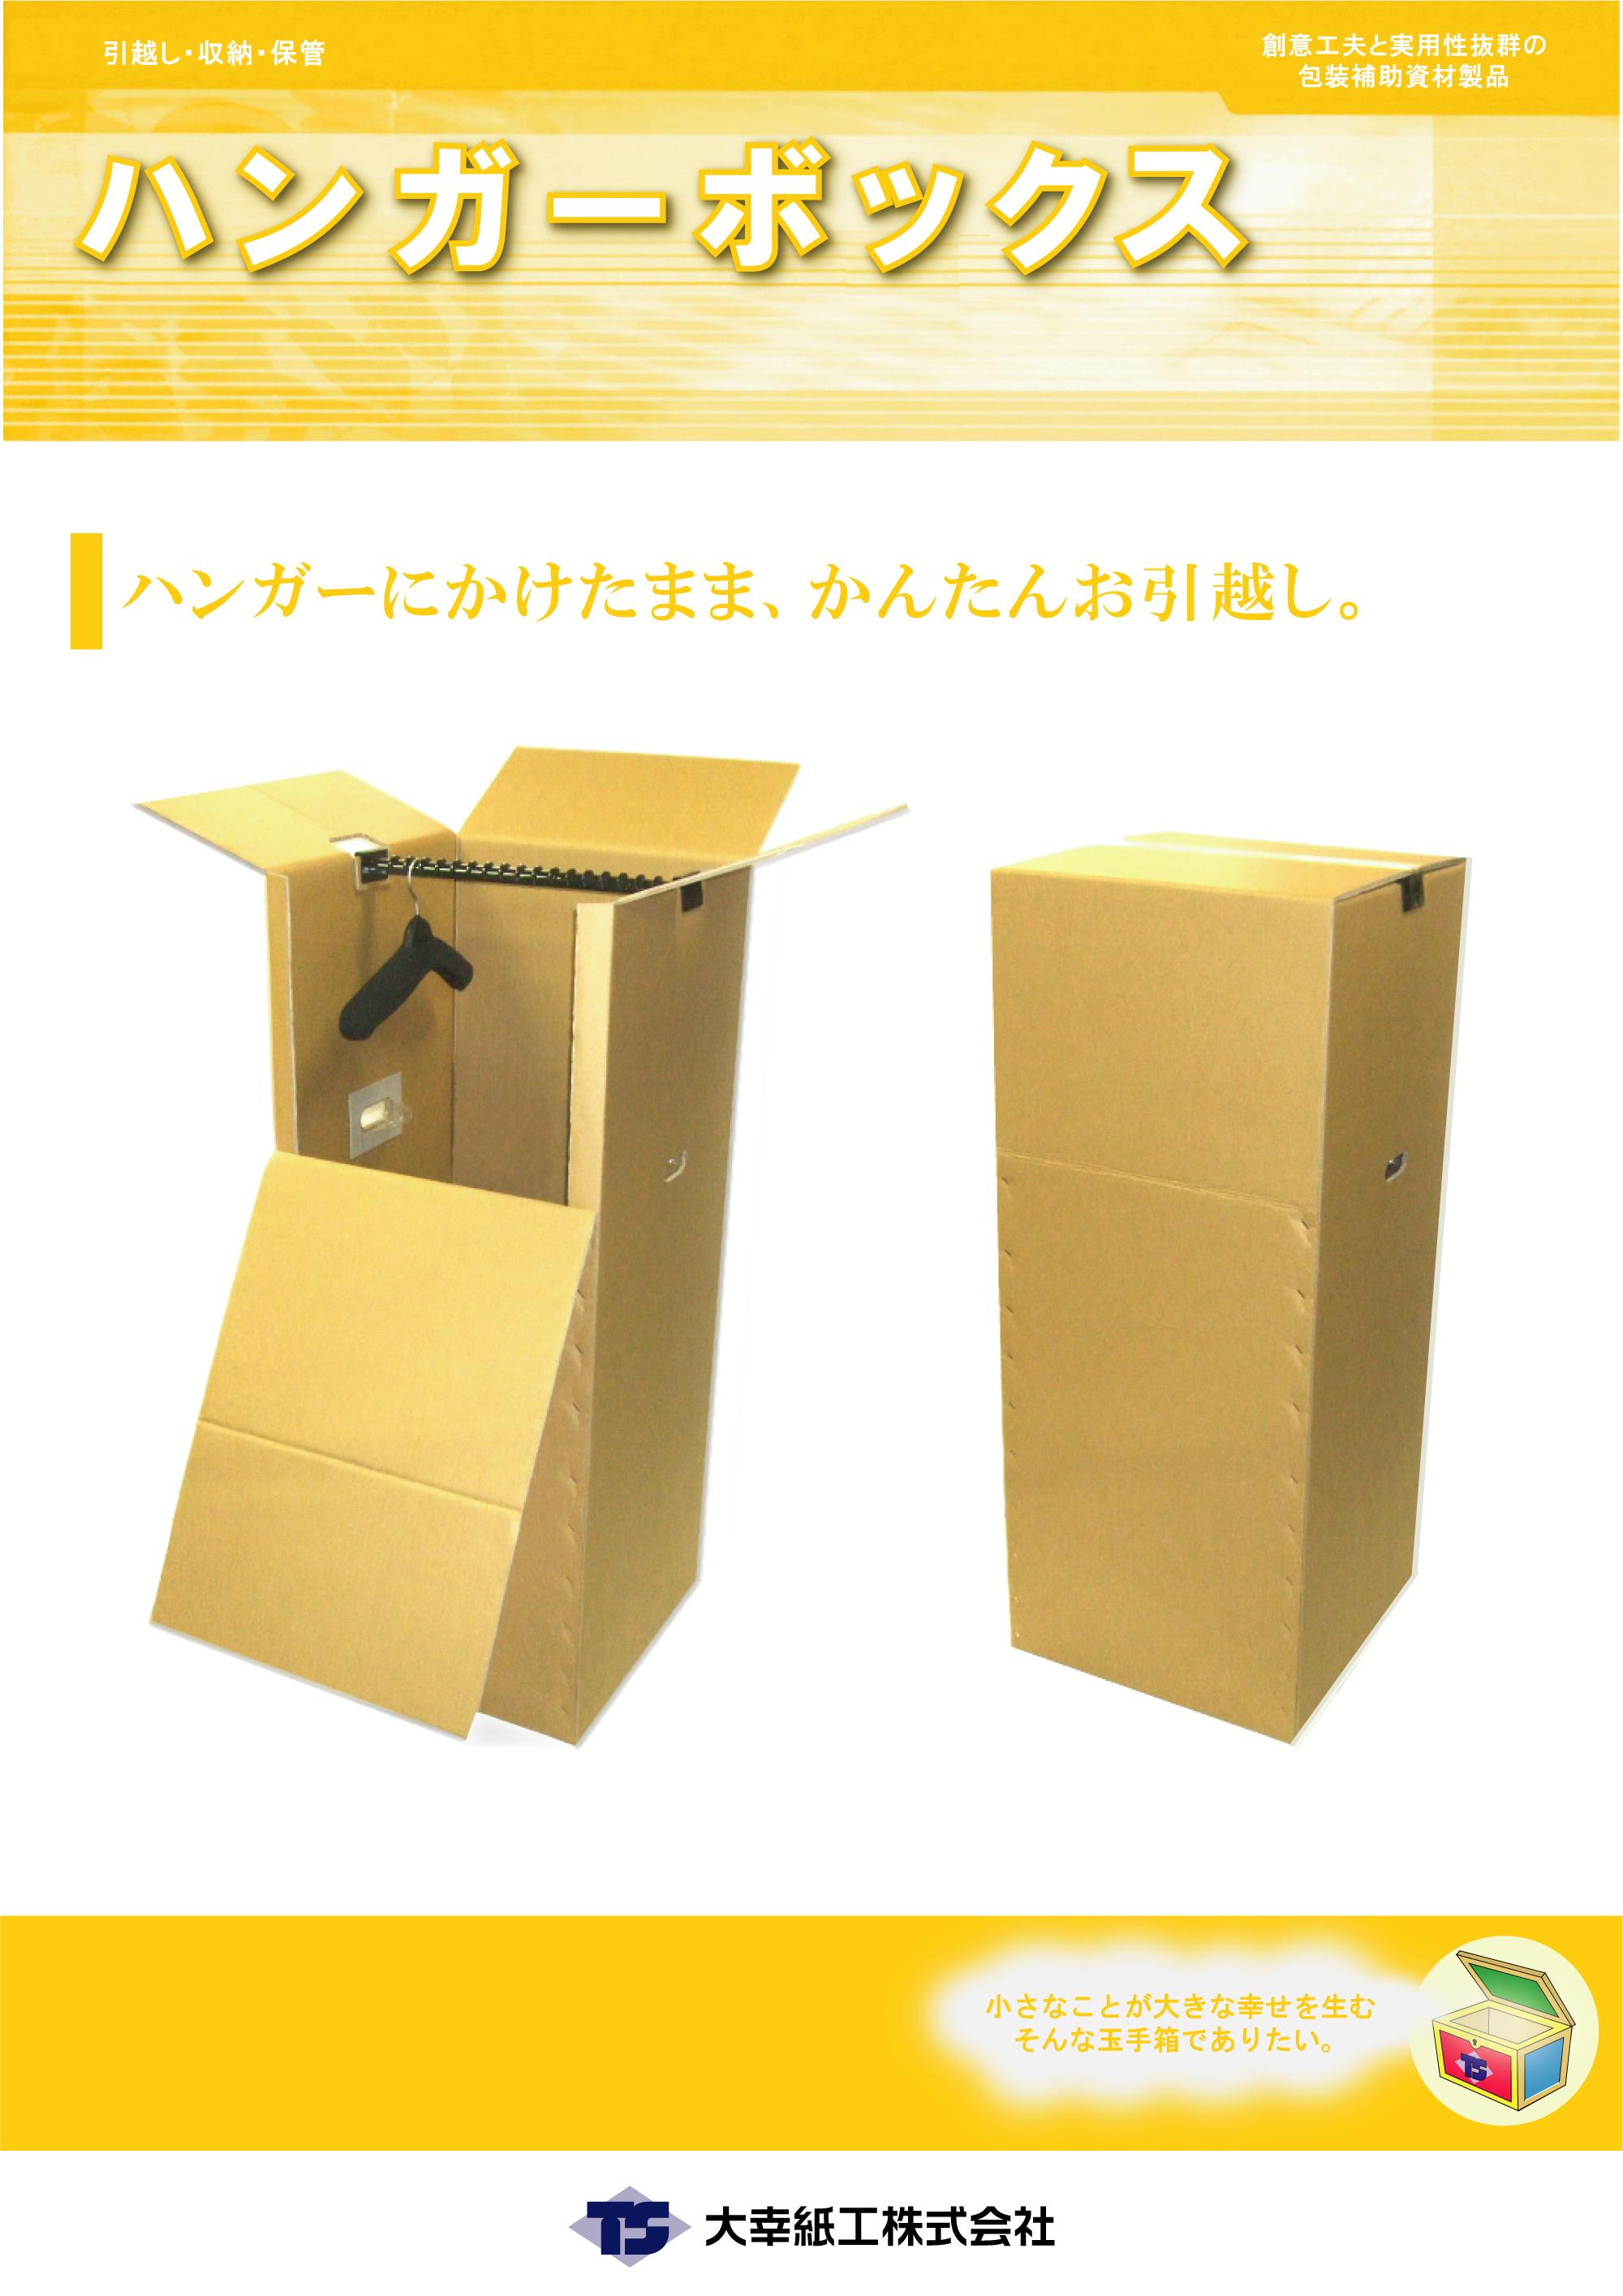 hangerbox_P1